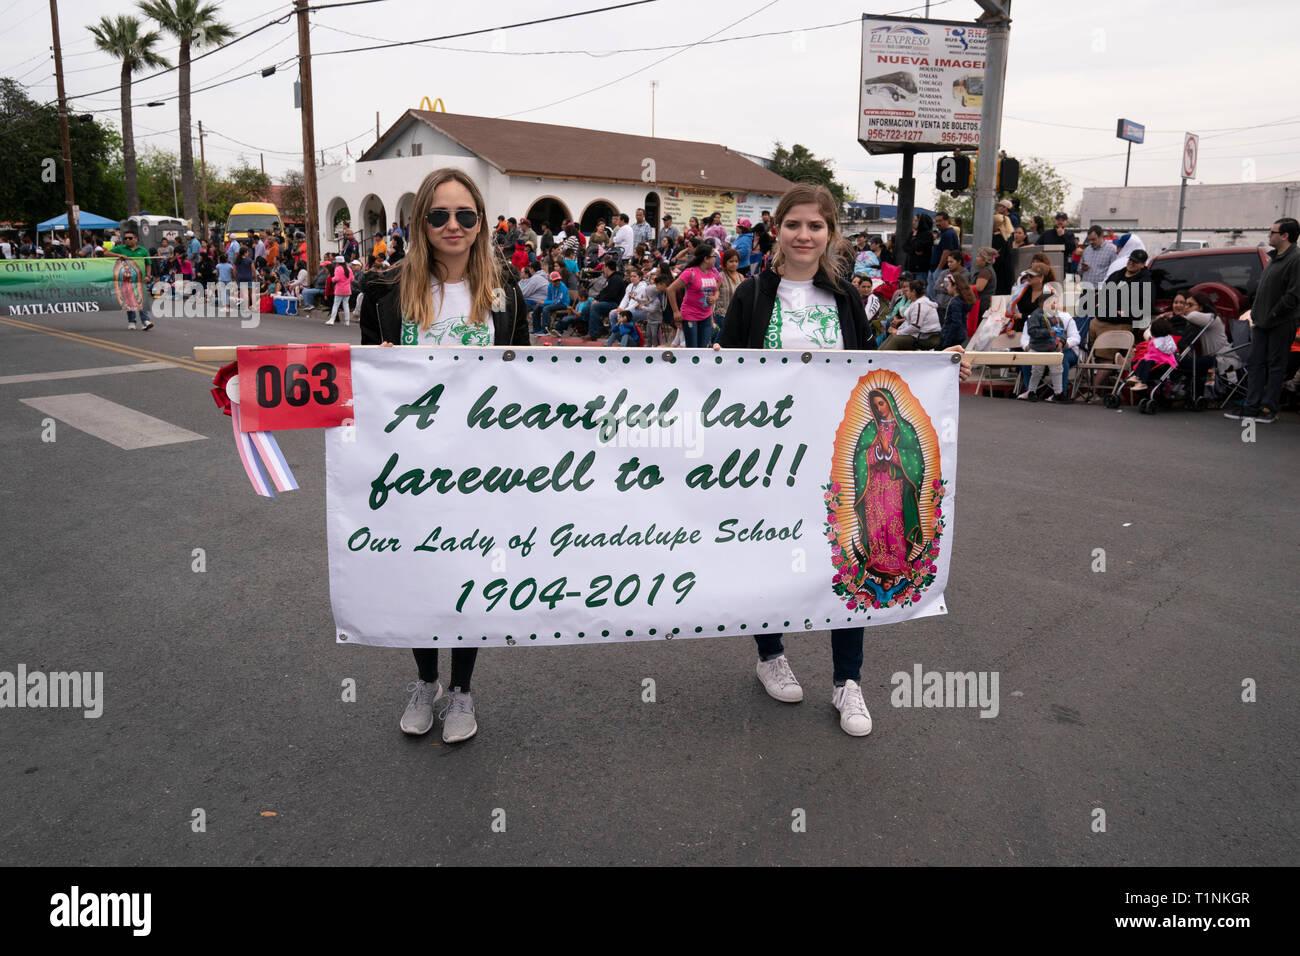 Catholic Parade Stock Photos & Catholic Parade Stock Images